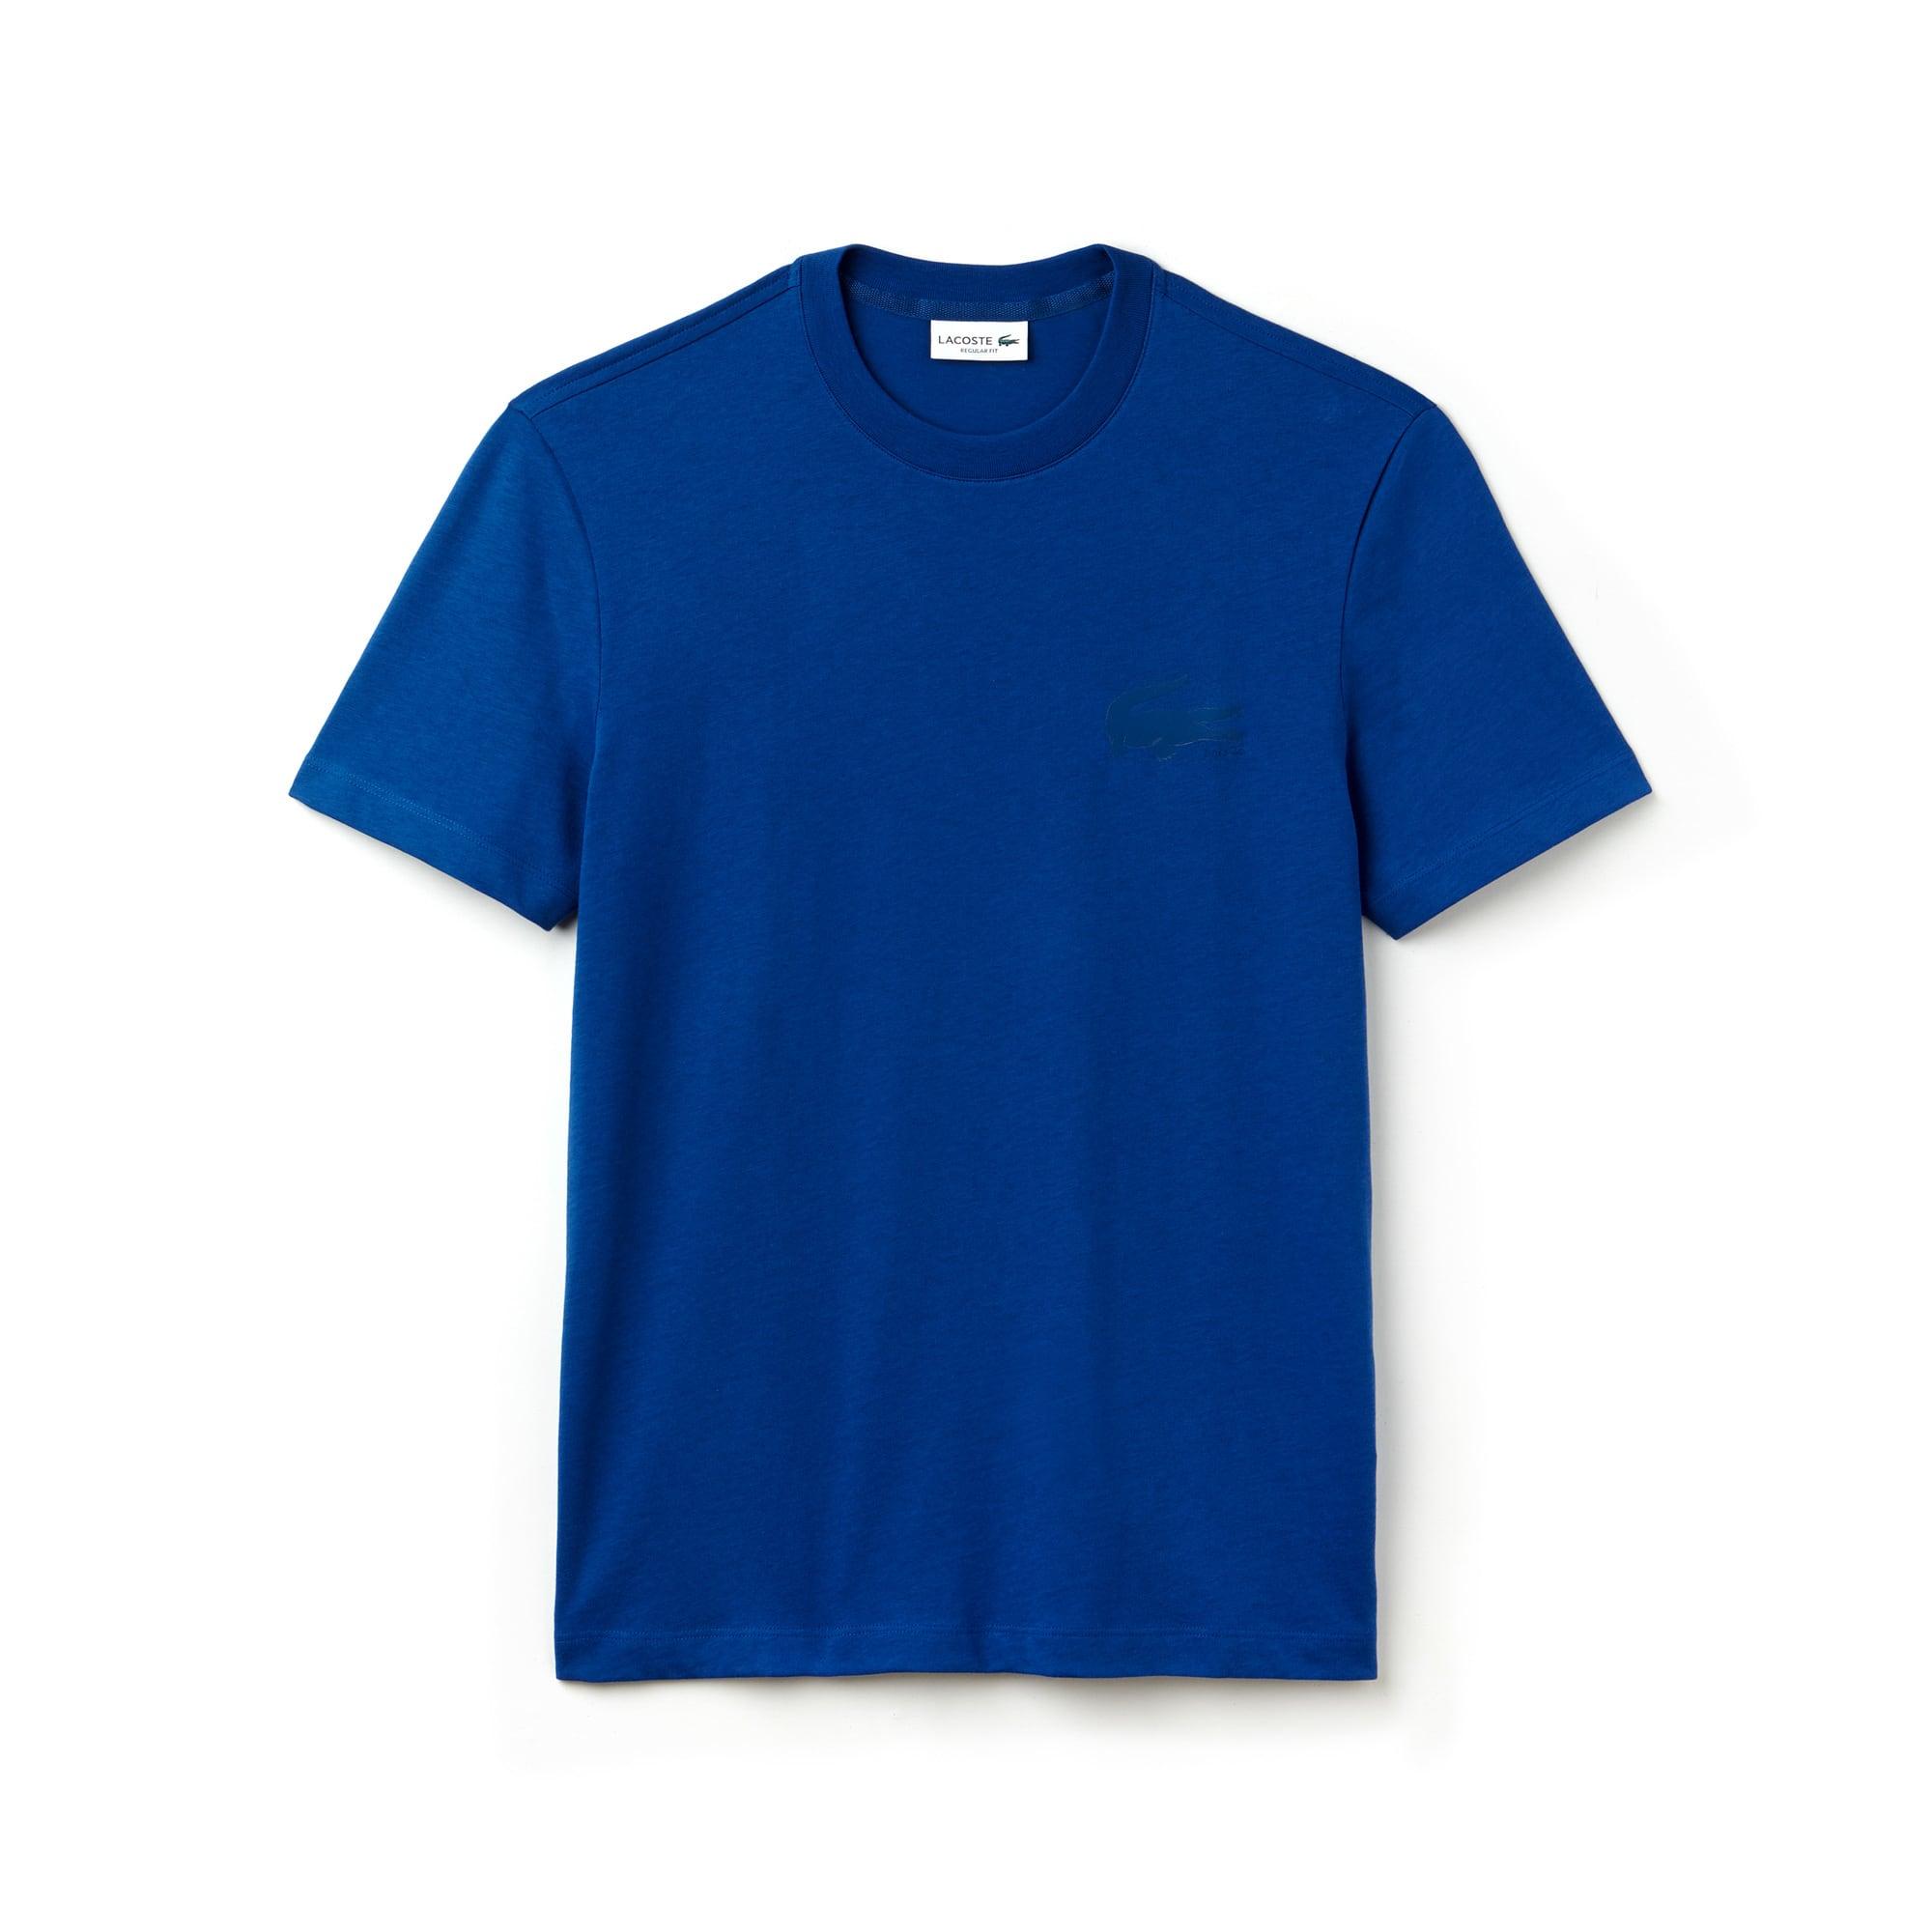 T-shirt decote redondo em jersey de algodão unicolor com marcação crocodilo